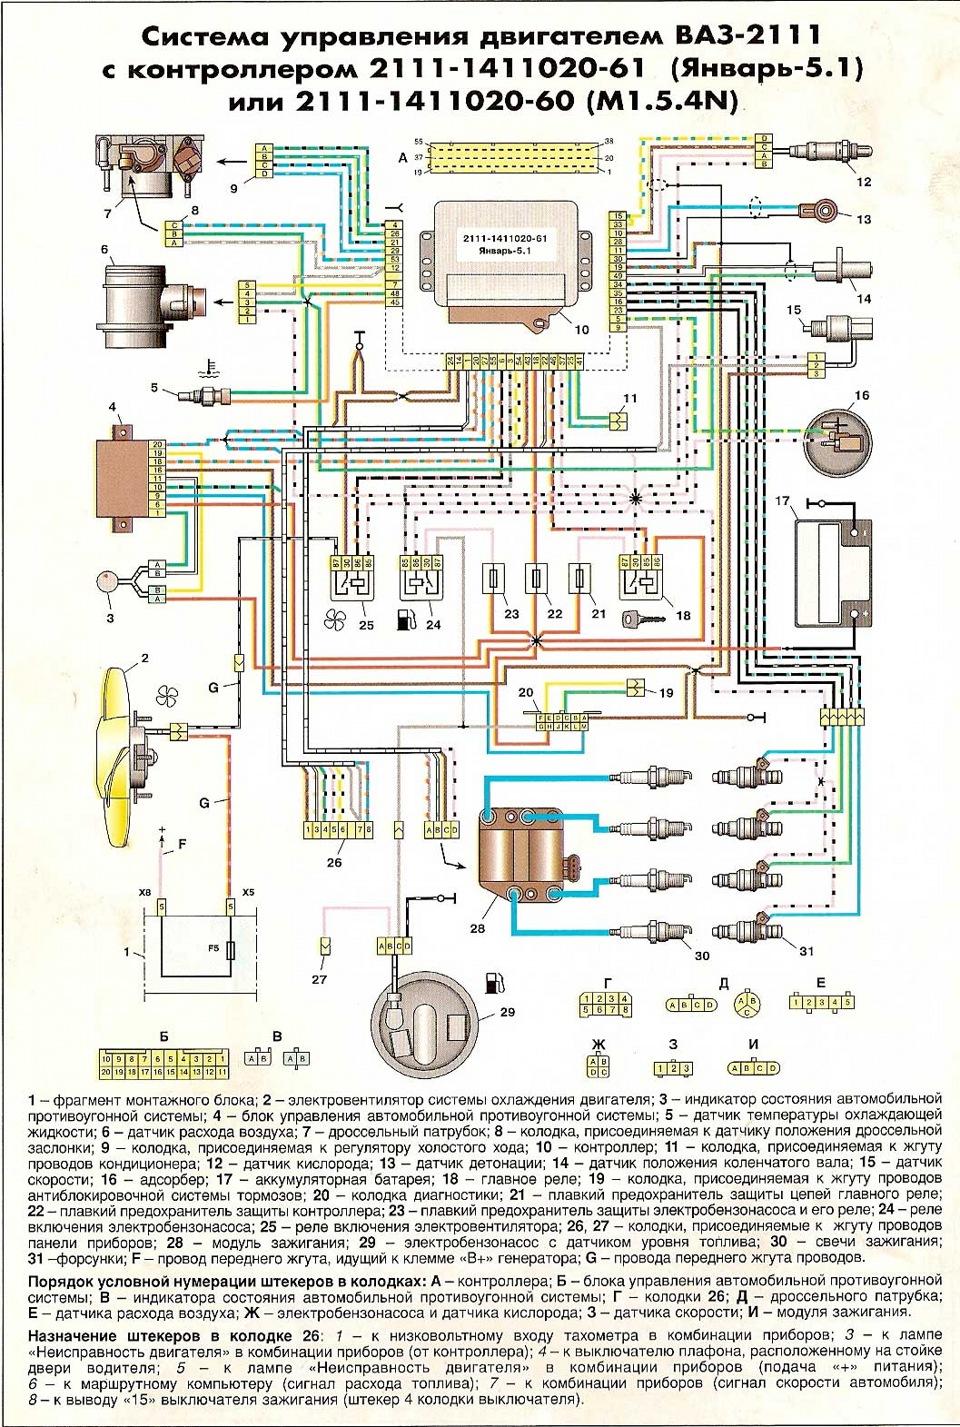 Электрическая схема духового шкафа занусси